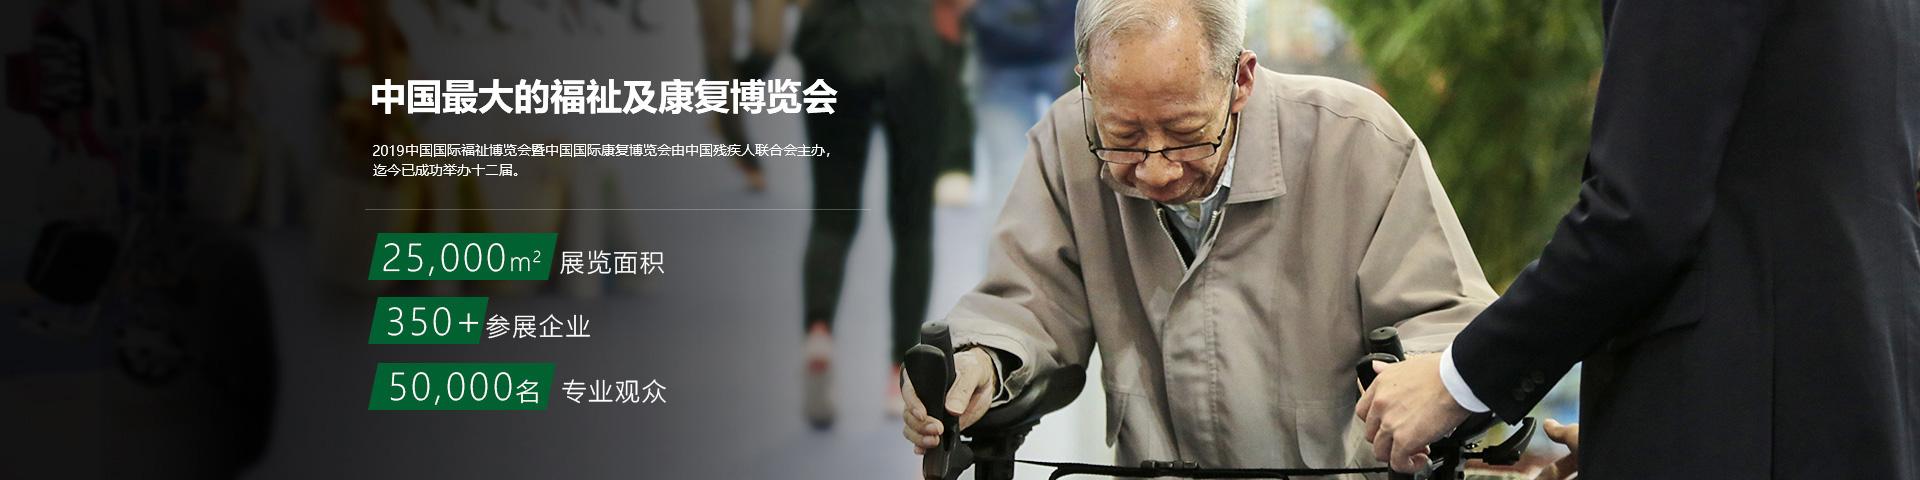 中国最大的福祉及康复博览会-数据